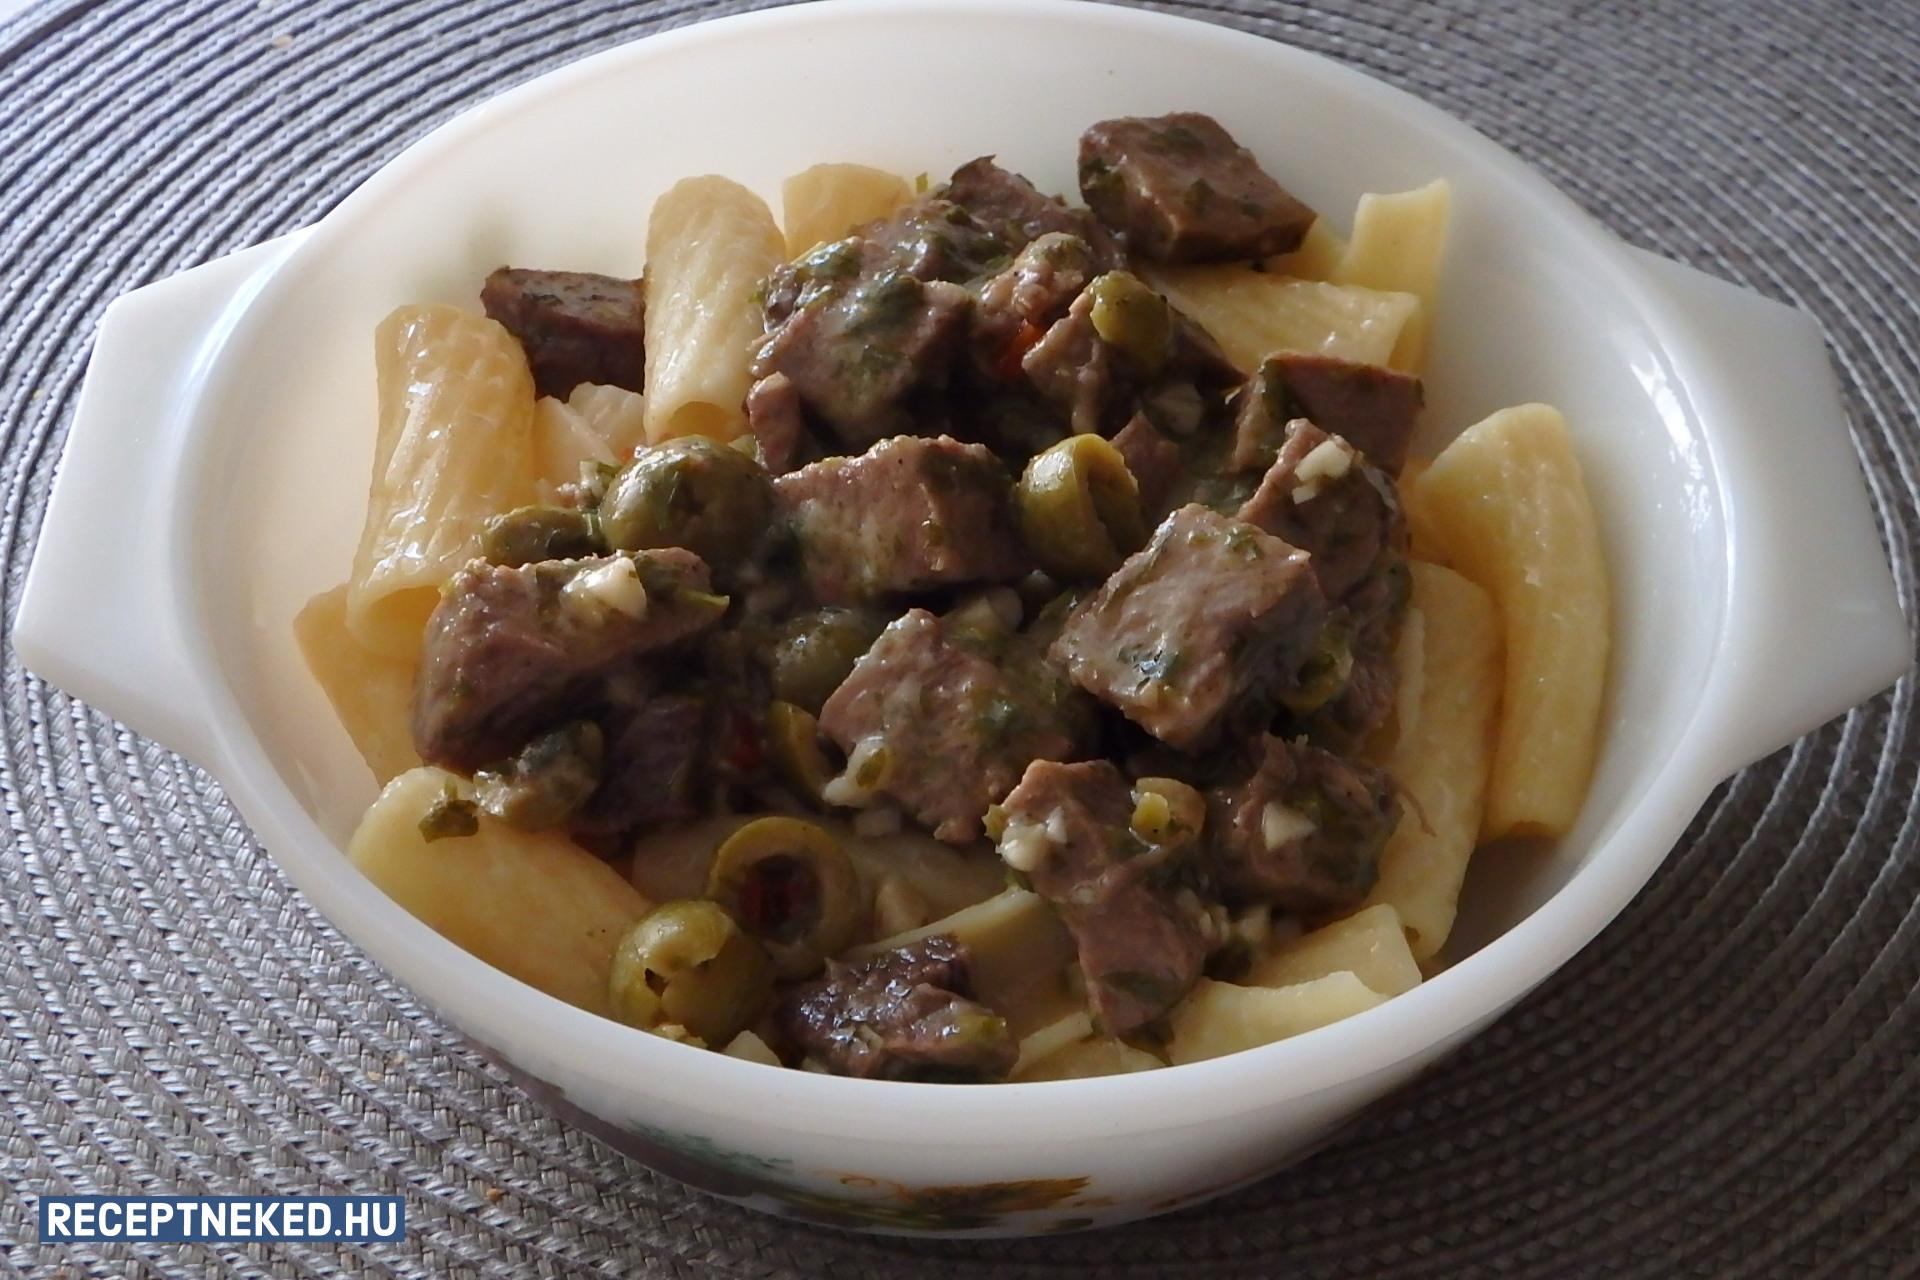 Nyelv olajbogyóval Nijinsky Vaszlav módra recept Kalla58 konyhájából